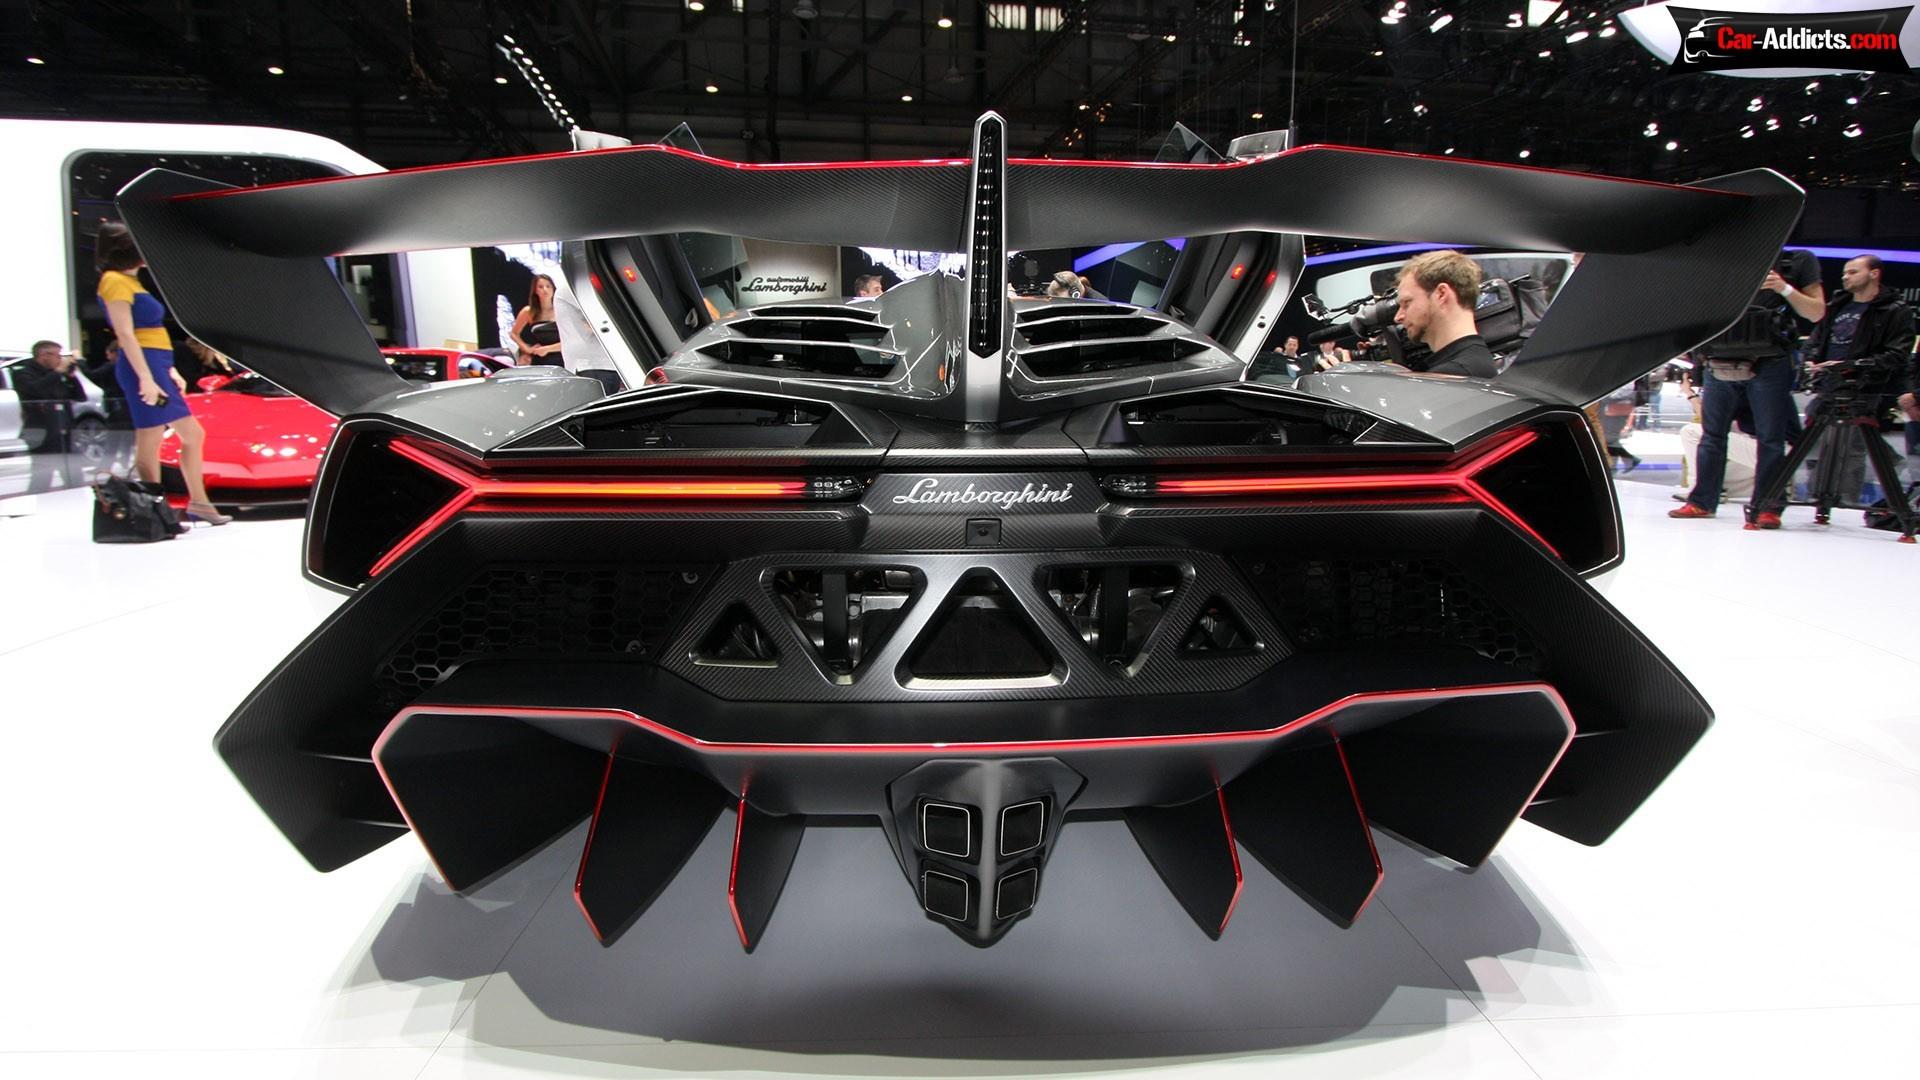 Lamborghini-Veneno-wallpaper-price-mpg-07